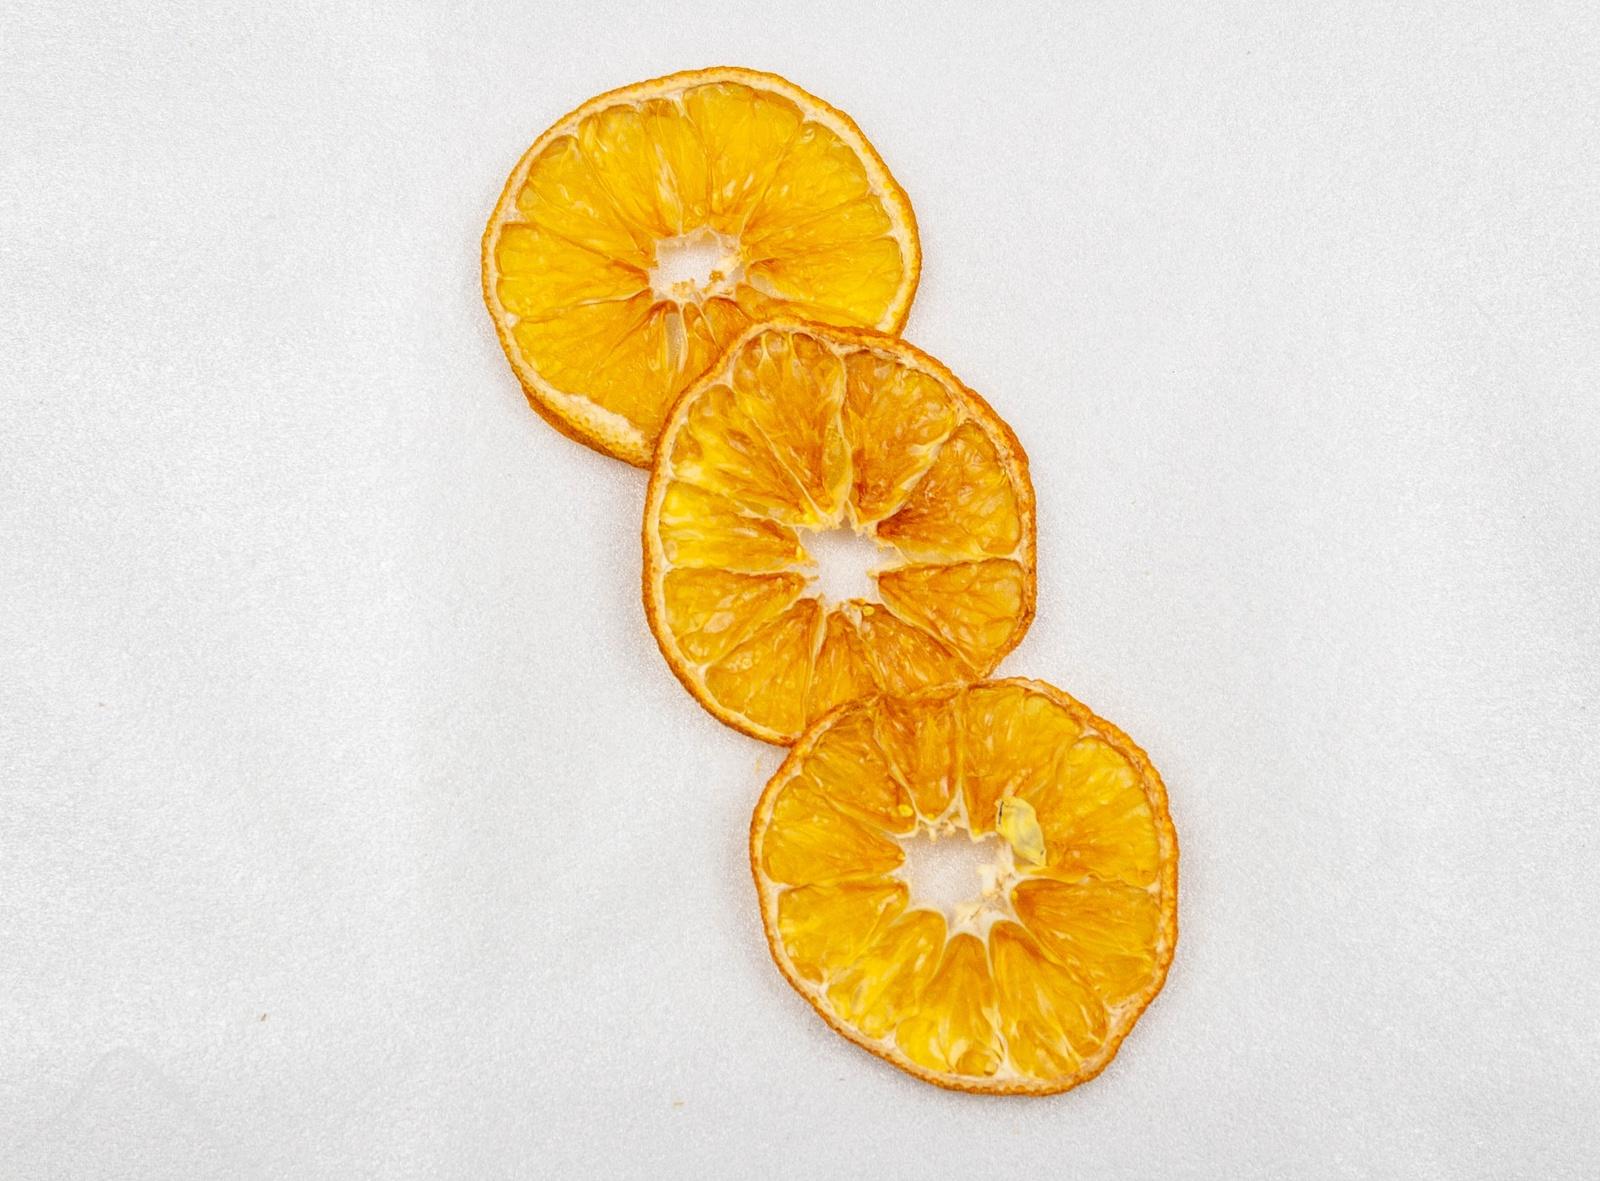 Эко-чипсы фруктовые из мандарина, ТМ Органыч Нет бренда